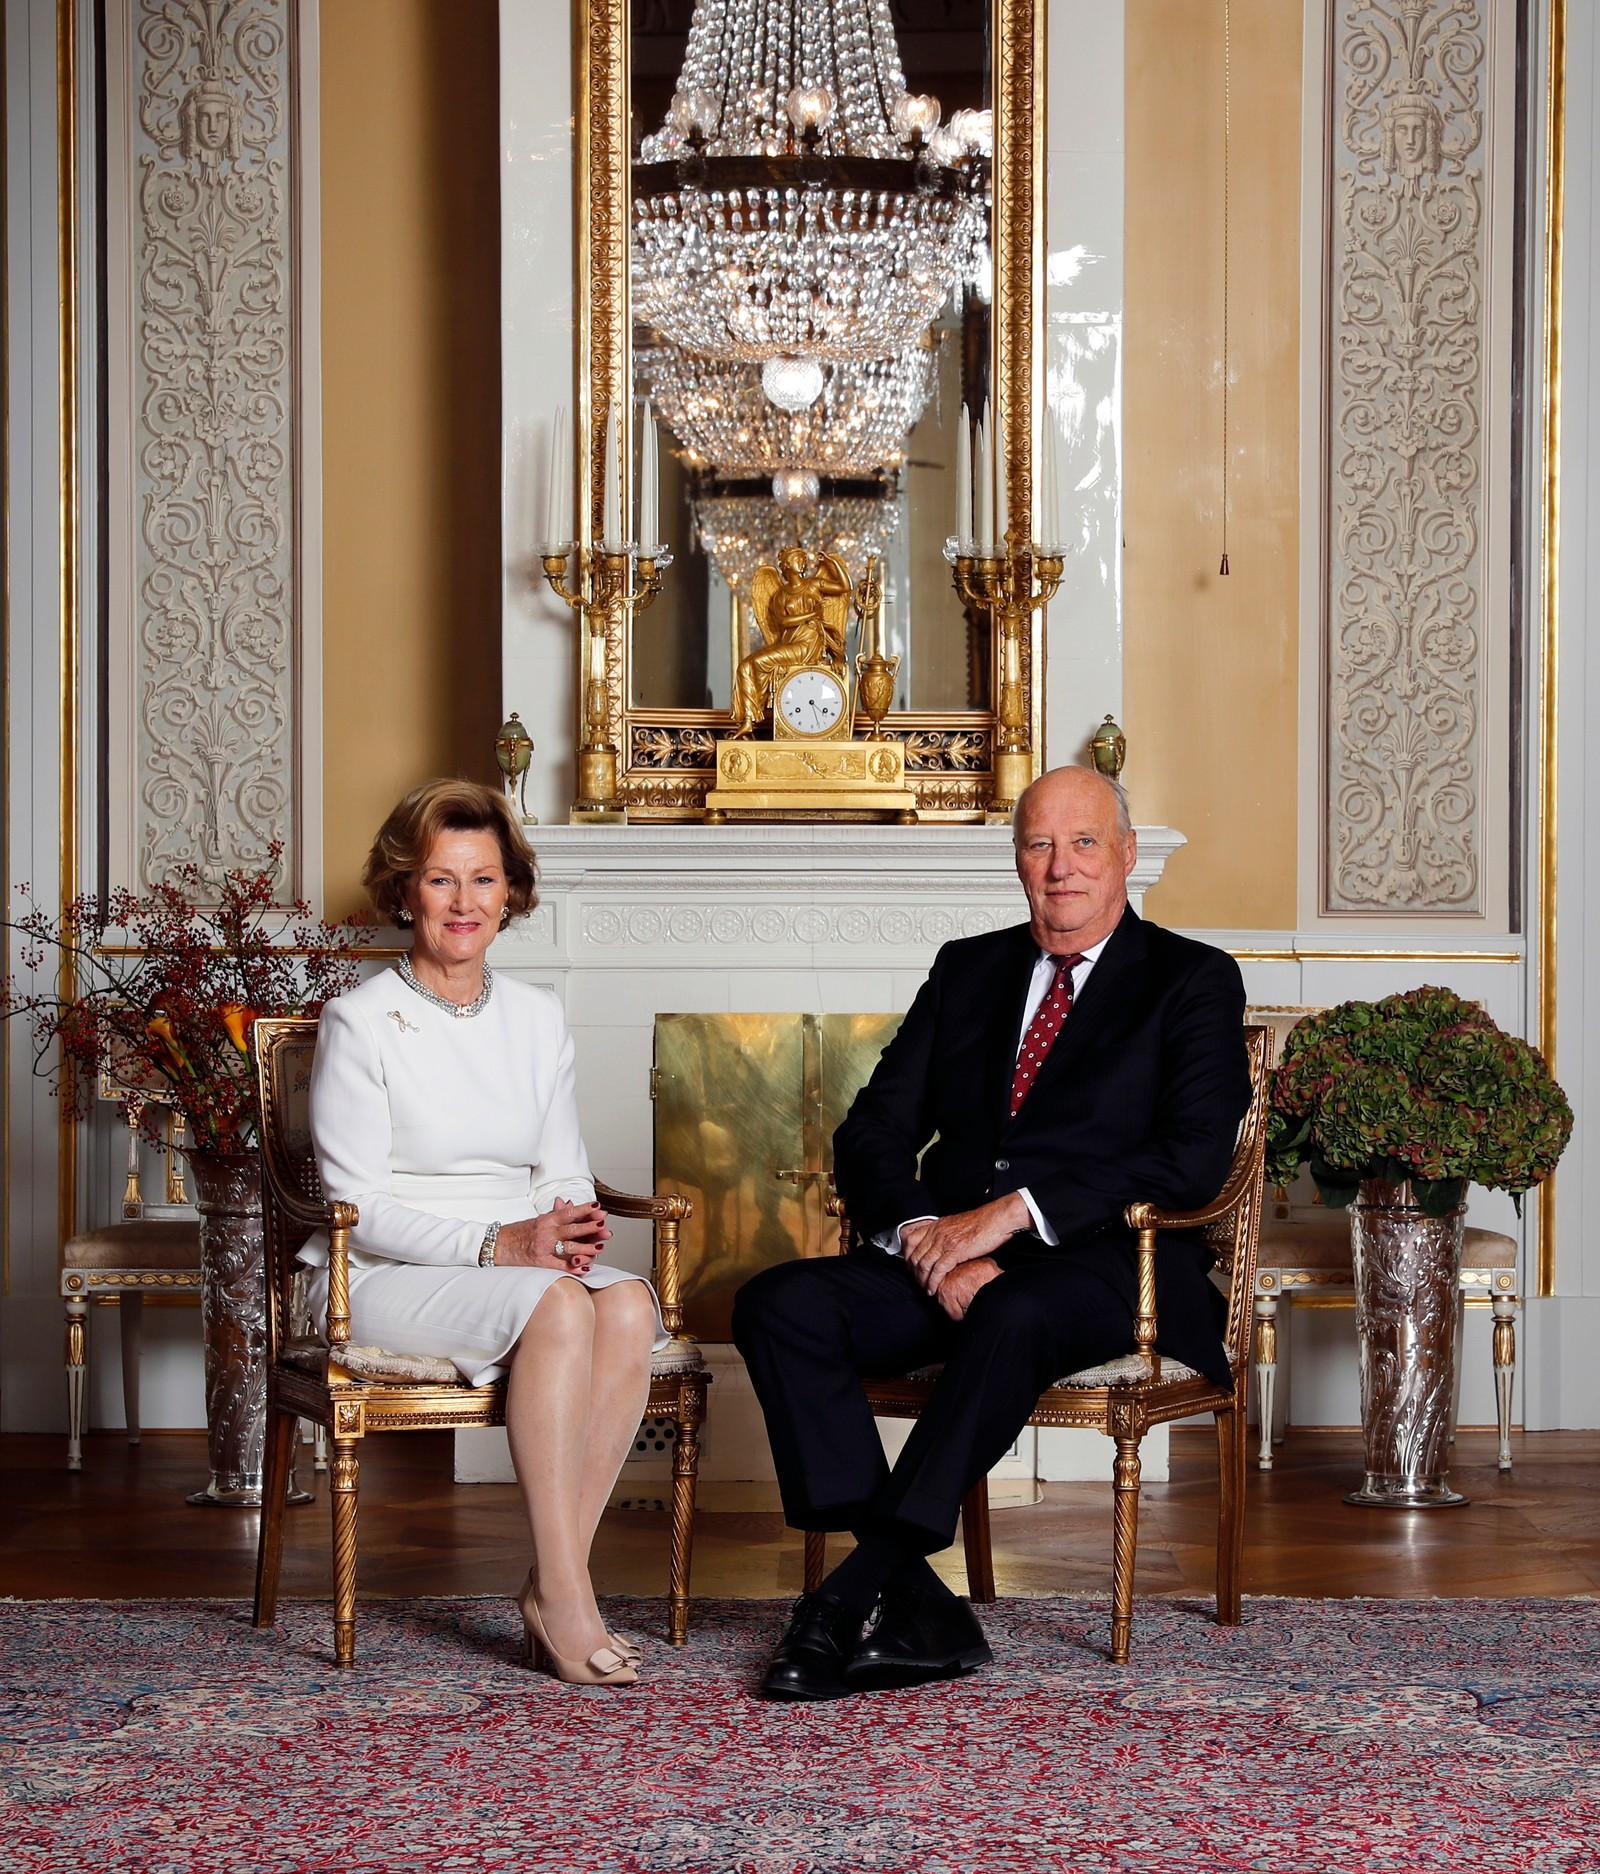 Oslo 20161017. Kong Harald og dronning Sonja 80 år. I anledning kongeparets 80-års bursdager er kongefamilien fotografert i den hvite salong på Slottet i Oslo. Dronning Sonja og kong Harald. Foto: Lise Åserud / NTB scanpix Kong Harald og dronning Sonja 80 år.